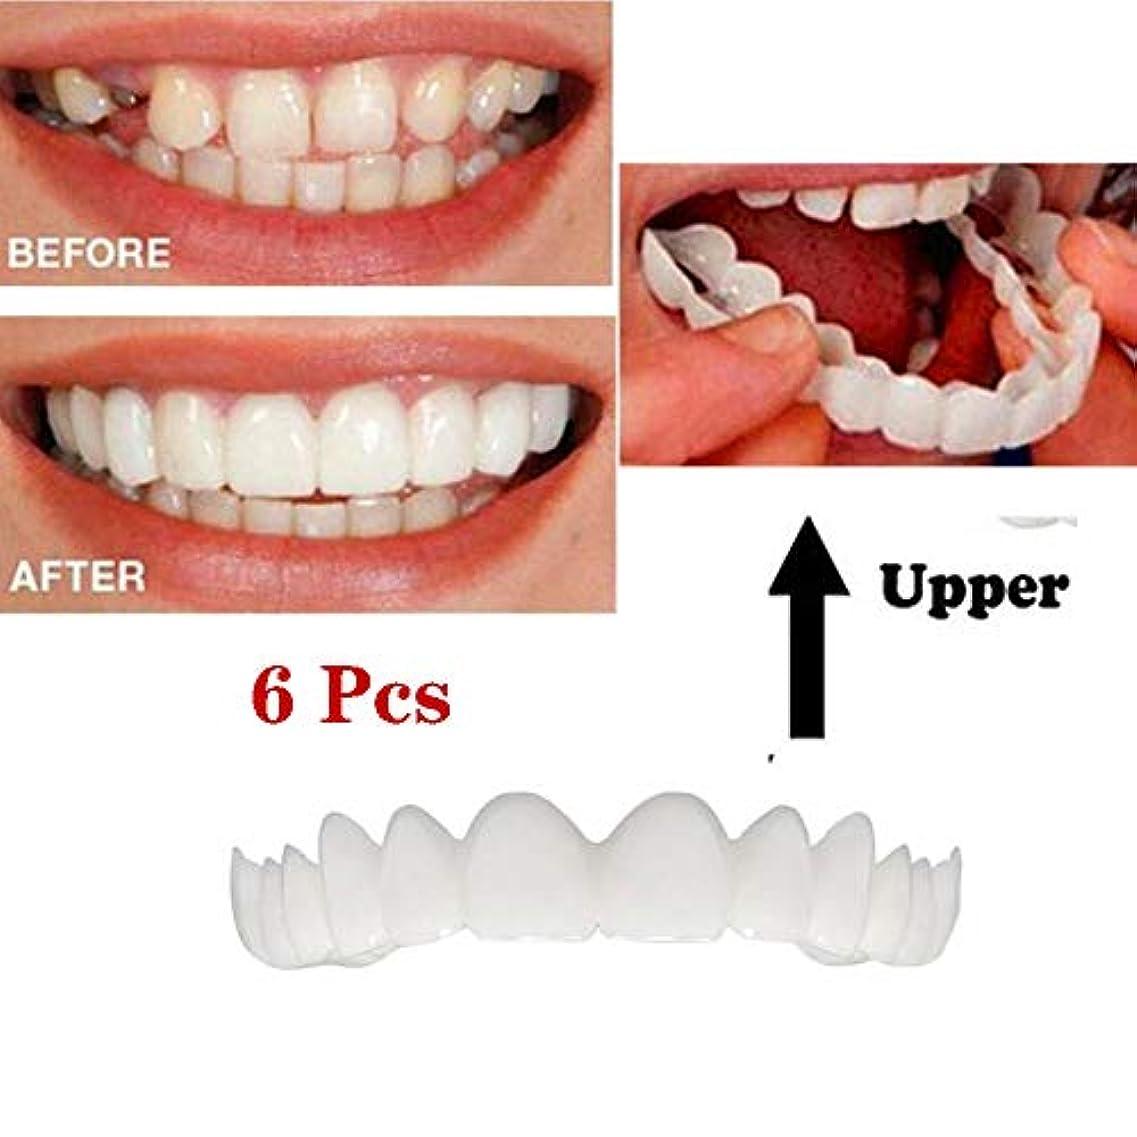 確保する朝モーション義歯口腔ケア歯ホワイトニング義歯口腔ケアアッパーブレーステンポラリー化粧品歯義歯